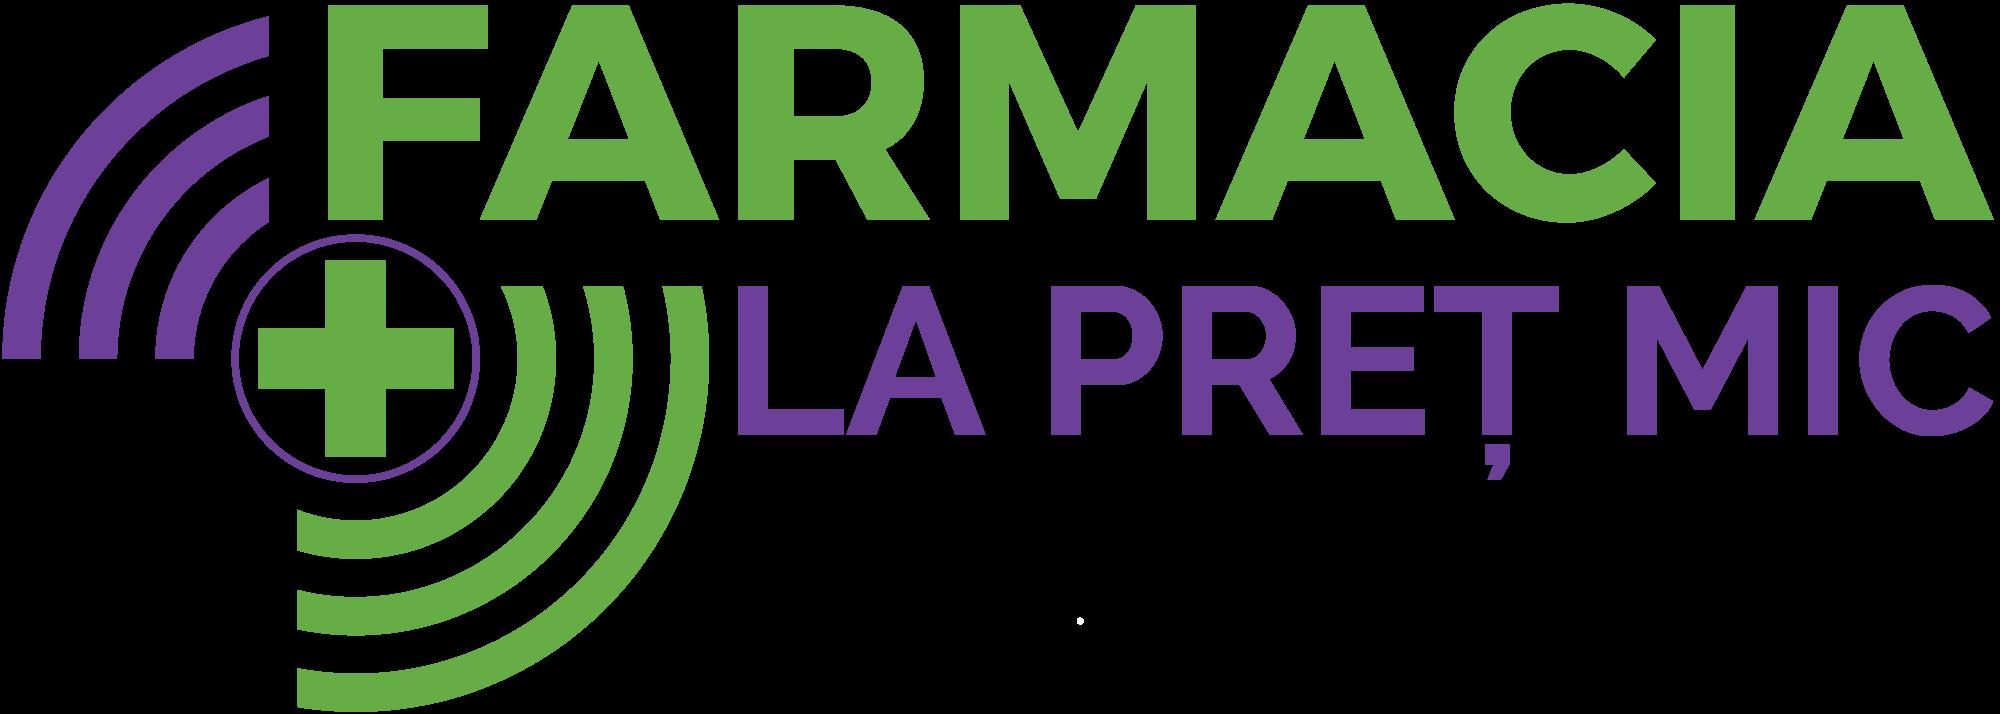 Logo-farmacia-la-pret-mic.png